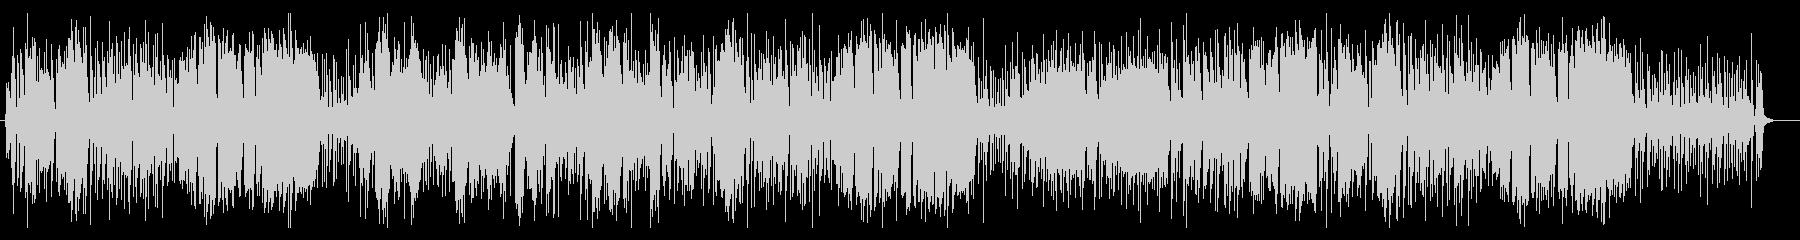 軽やかなバイオリンフルート系サウンドの未再生の波形